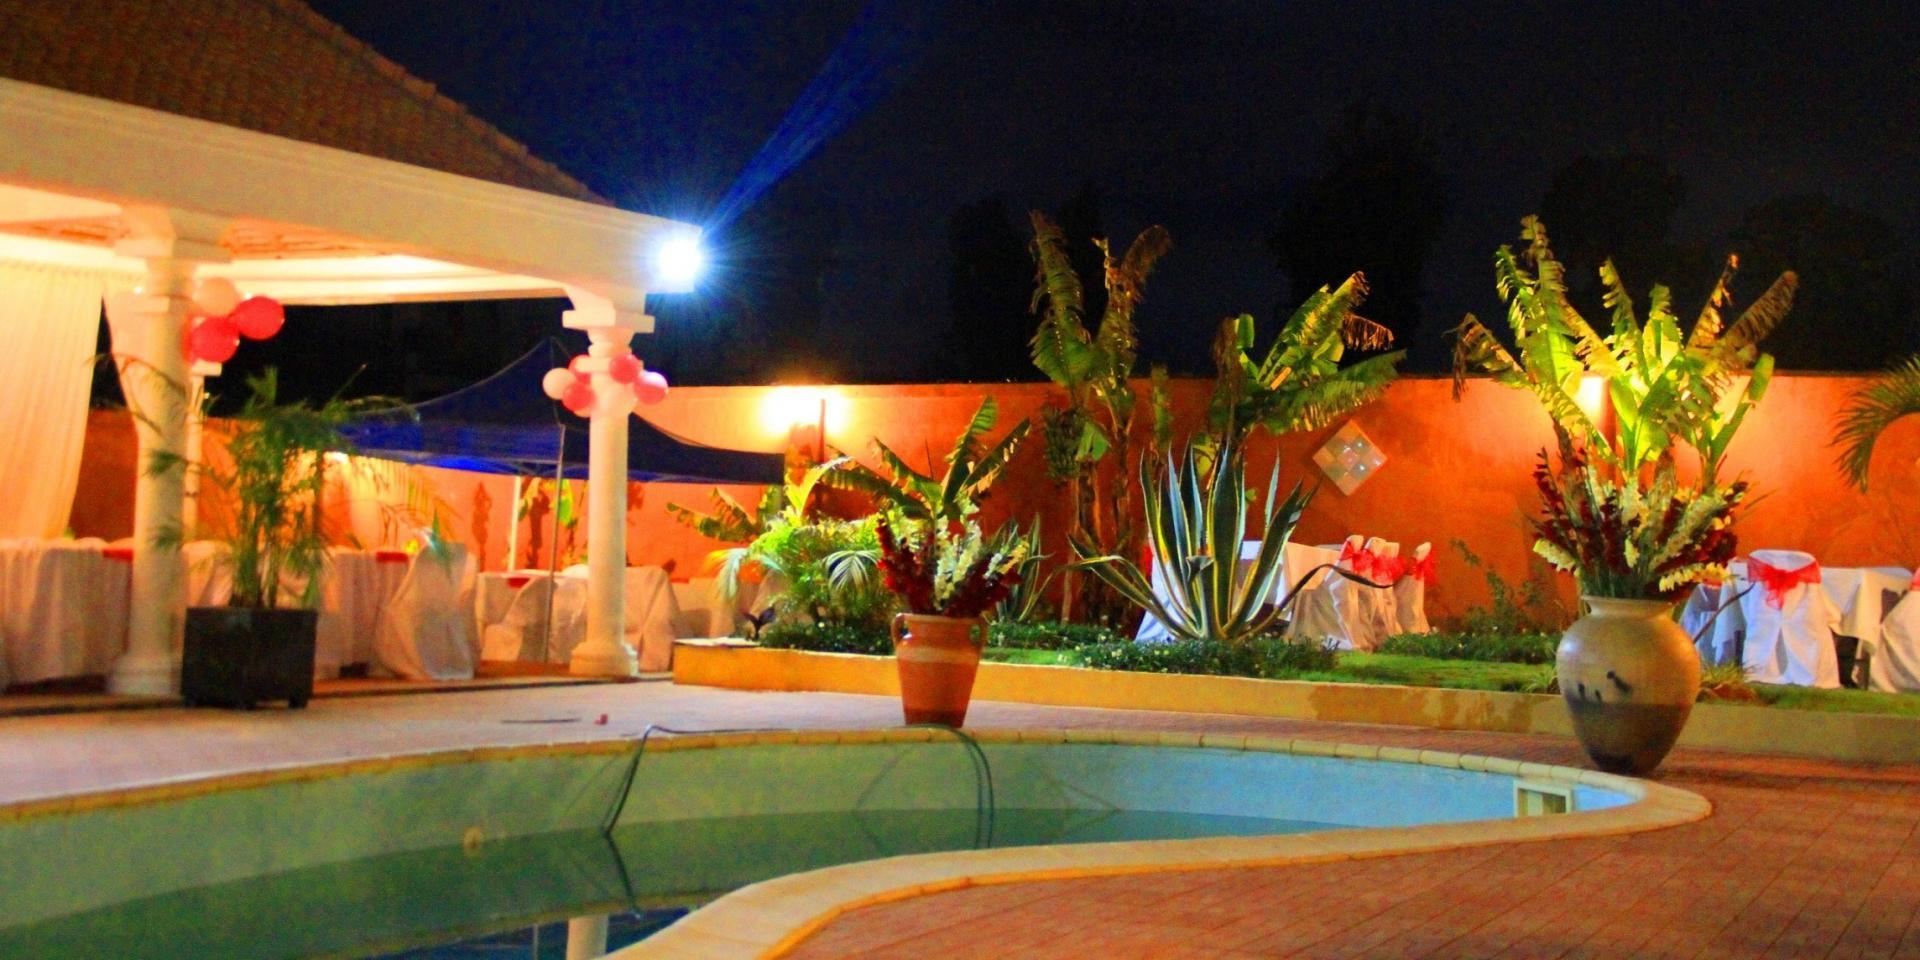 http://villatana.e-monsite.com/pages/villa-tana-2/